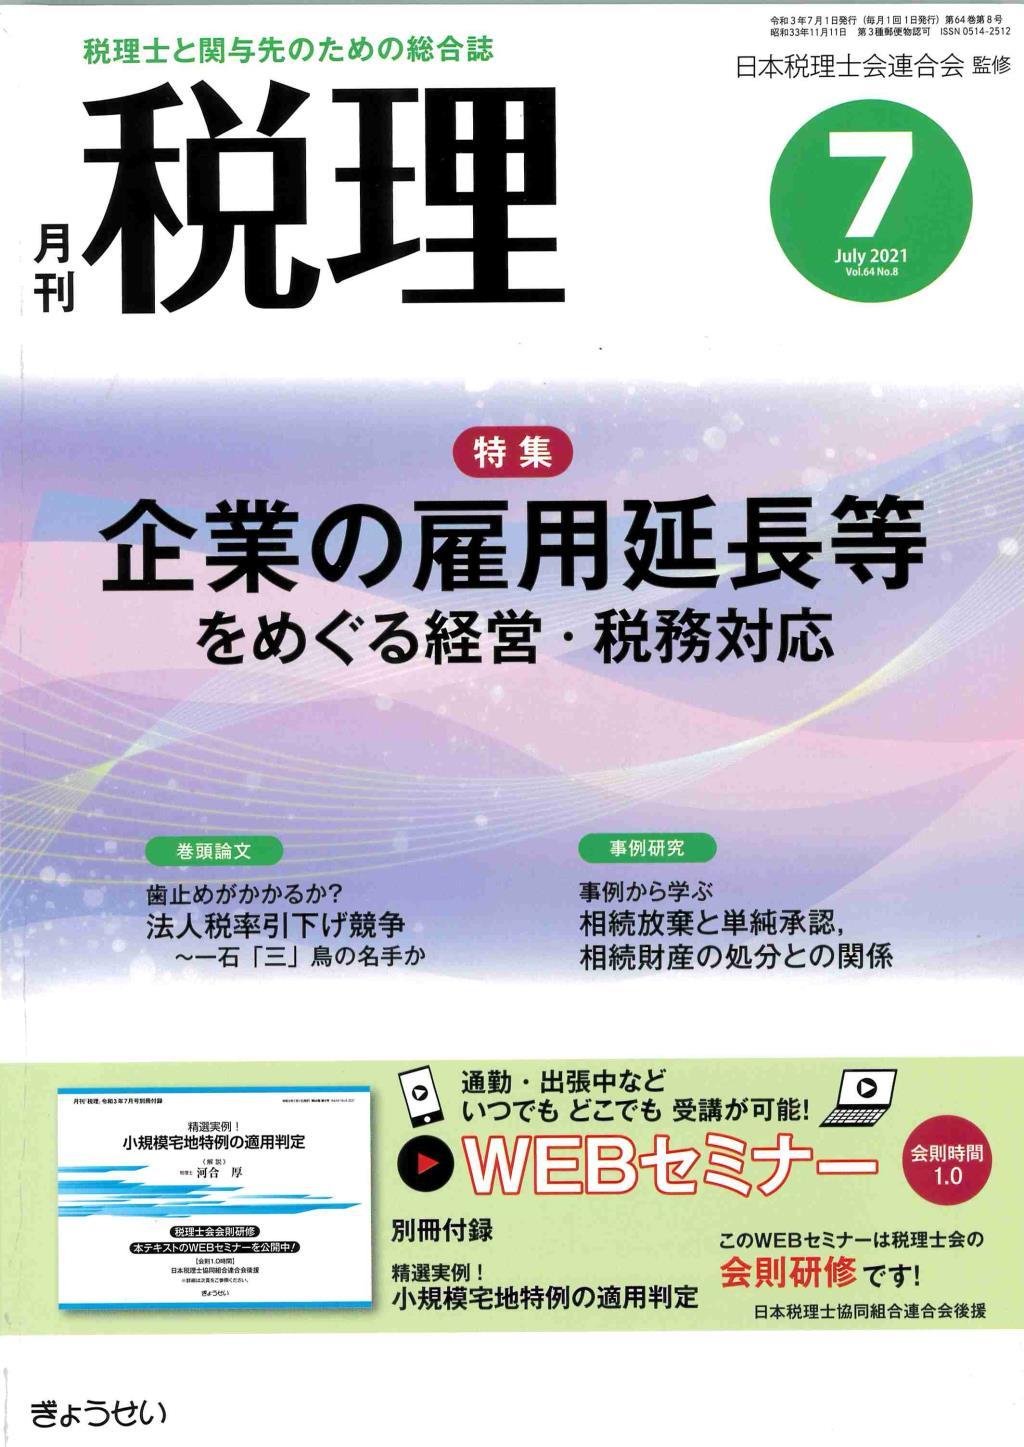 月刊 税理 2021年7月号(第64巻第8号)